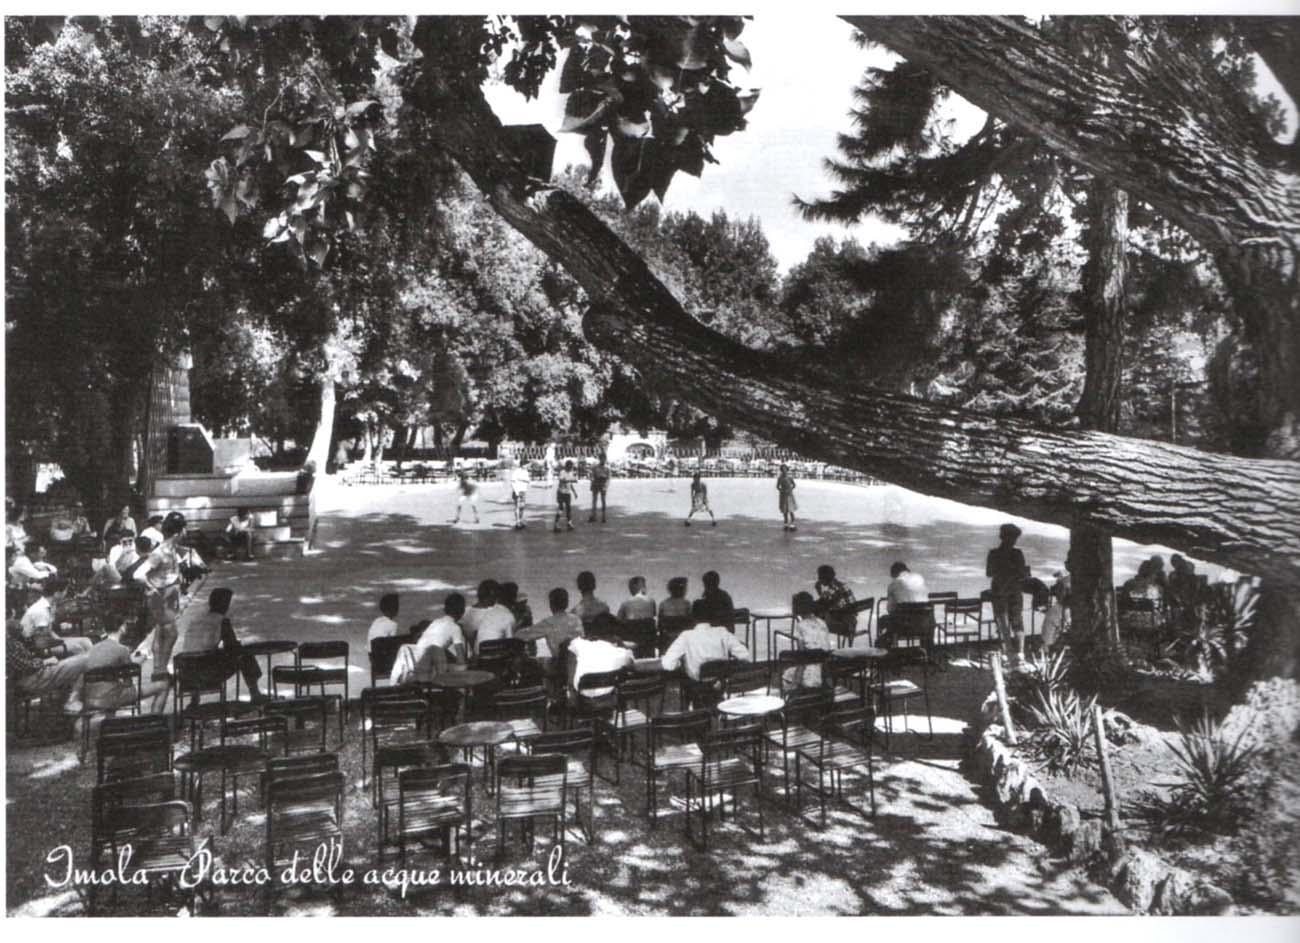 In vacanza al parco, anni 50 - 60